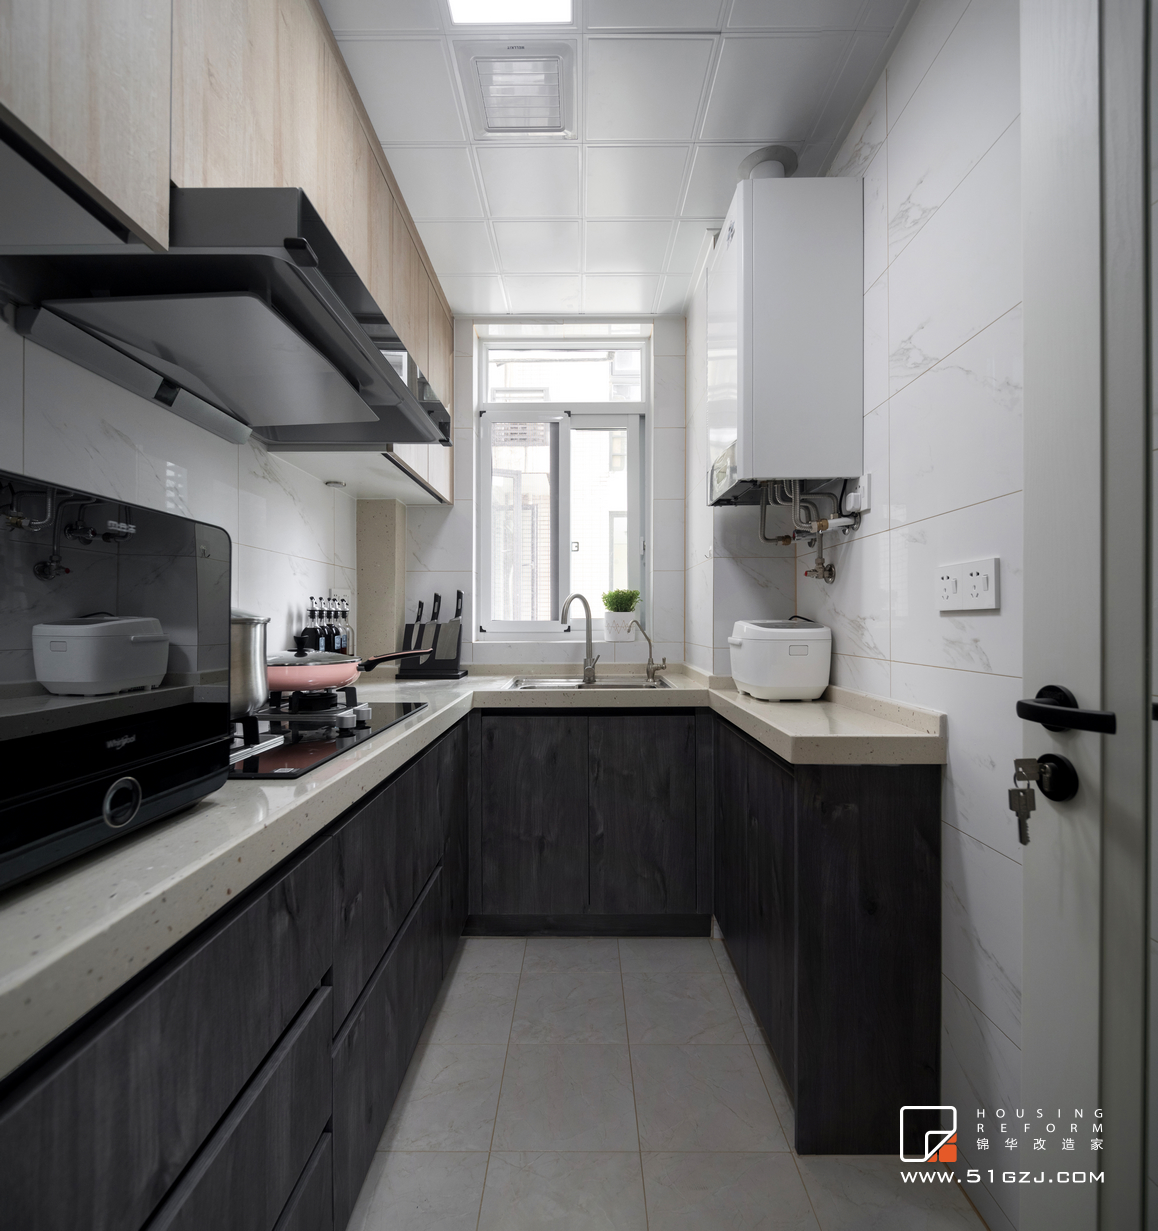 中大颐和湾老房装修-87平米-现代简约装修-两室一厅-现代简约